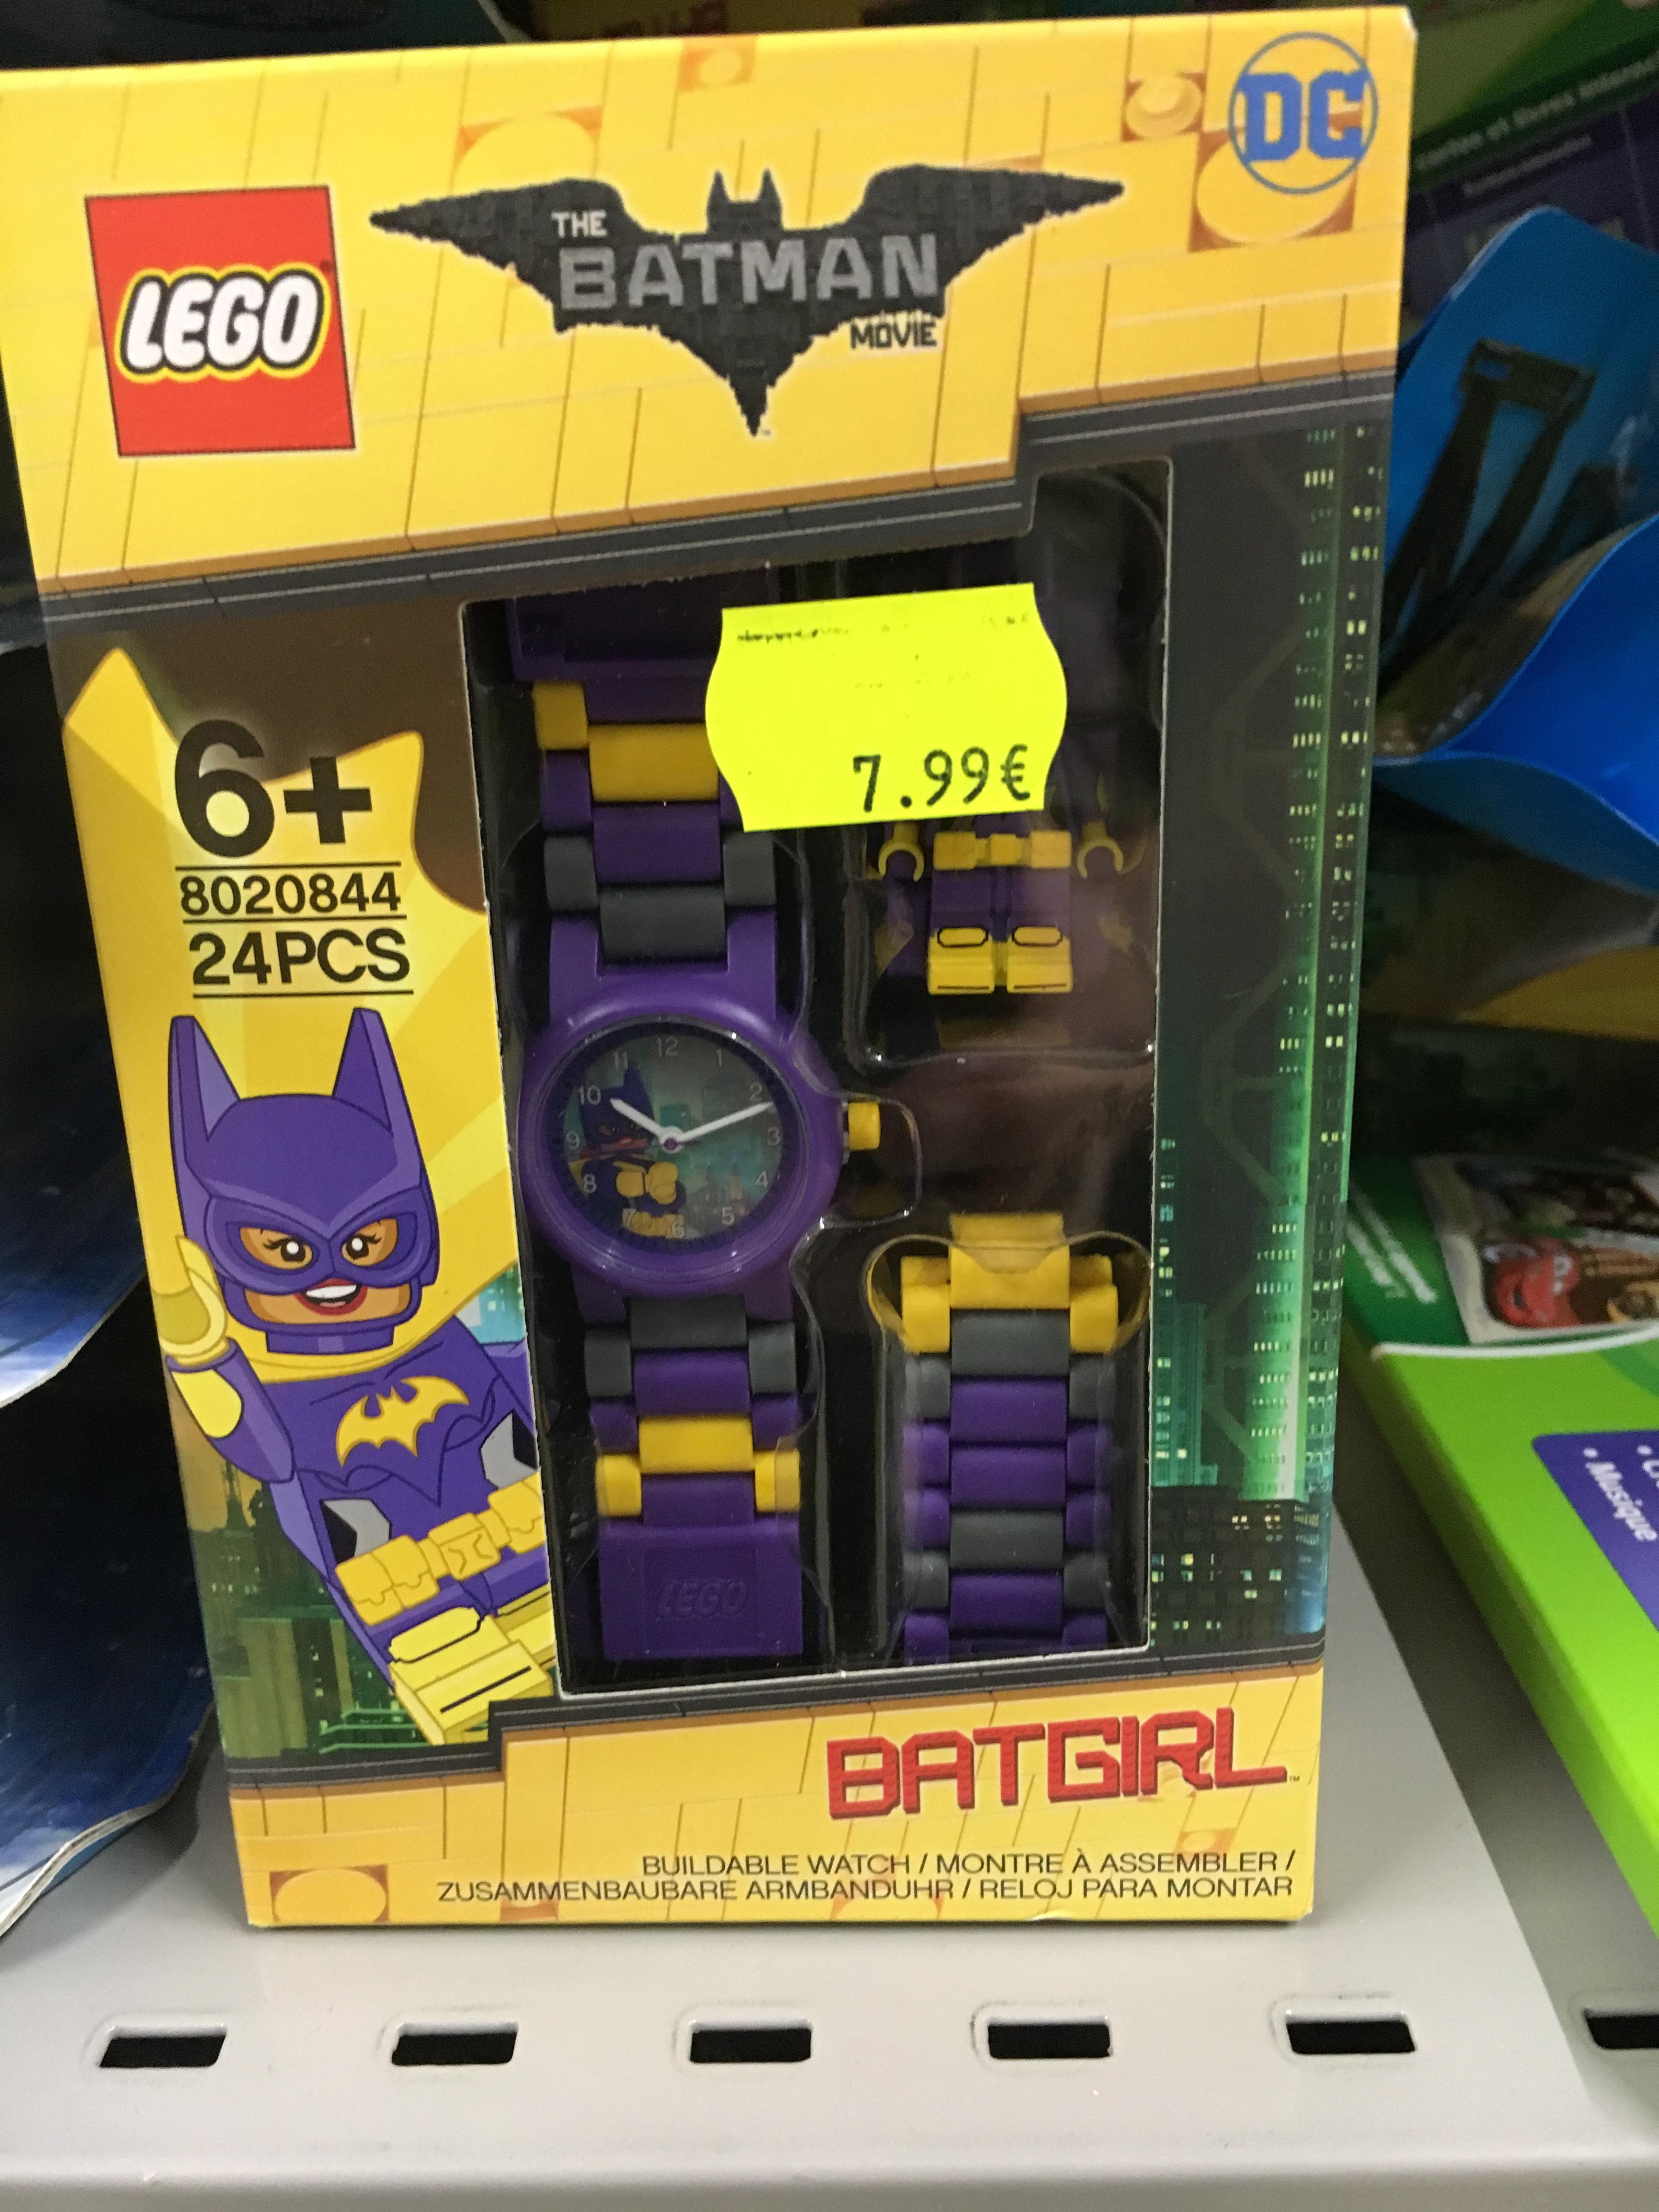 8020844carcassonne De Montre Batman Figurine Lego Batgirl 11 80yvmNnwOP